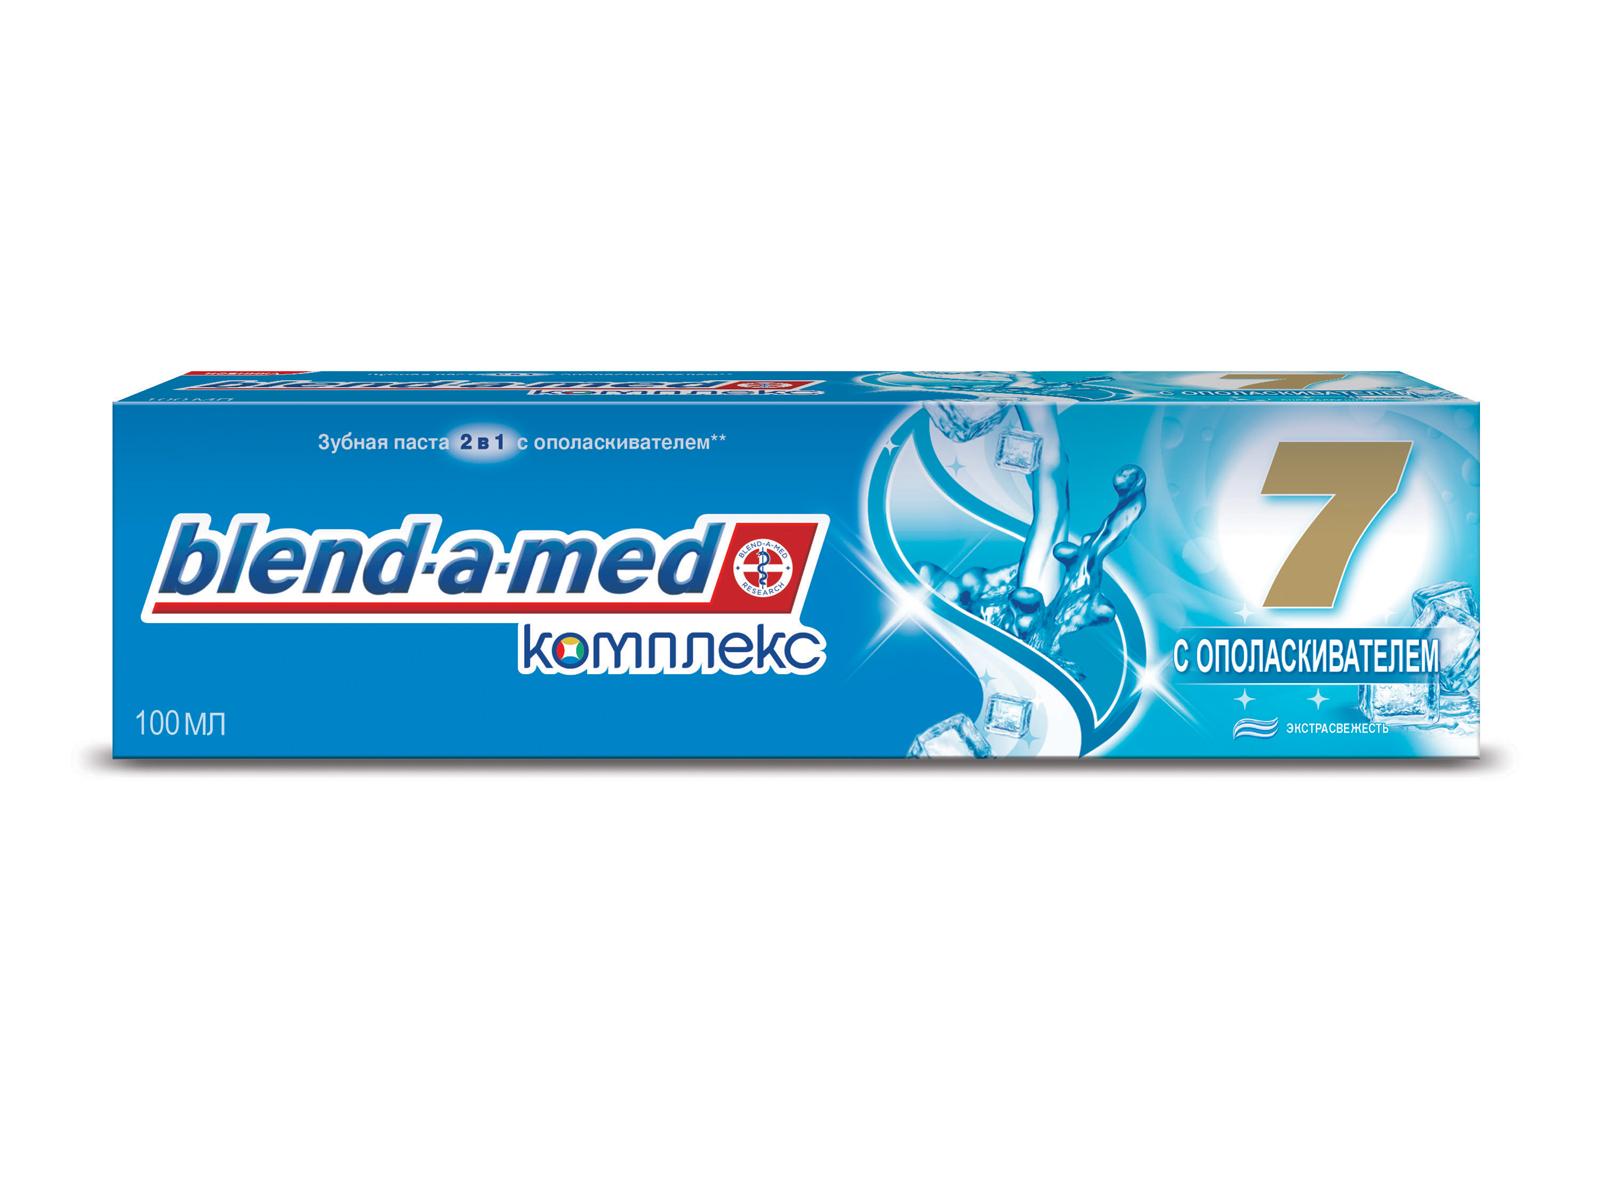 Blend-a-med Зубная паста Комплекс 7 Экстра Свежесть с ополаскивателем, 100 мл03-01-047Свежесть дыхания и защита всей полости рта!Blend-a-med Комплекс 7 Экстра Свежесть:Сочетает в себе полную защиту Blend-a-med Комплекс 7!Имеет ярко-выраженный мятный освежающий вкус! Зубные пасты Blend-a-med Комплекс 7 защищают по семи признакам:- Бактериальный налет. - Кариес зубов.- Проблемы дёсен.- Кариес корня.- Зубной камень.- Тёмный налёт.- Несвежее дыхание.Blend-a-med Комплекс 7 обеспечивает быструю, простую и легкую защиту всей полости рта, и вы можете наслаждаться жизнью, не беспокоясь о здоровье ваших зубов!Ощутите взрыв свежести с зубной пастой Blend-a-med Комплекс 7 Экстра свежесть, почувствуйте больше уверенности при общении с друзьями.Blend-a-med рекомендует использовать зубную пасту Комплекс 7 Экстра свежесть с зубной щеткой Oral-B Комплекс.Попробуйте новый Blend-a-med Комплекс 7 Экстра Свежесть с ополаскивателем.- Ярко-выраженный мятный освежающий вкус.- Обеспечивает качественный уход за здоровьем полости рта.- Комплексная защита всё полости рта.- Сочетает в себе полную защиту Blend-a-med Комплекс 7.- Комплекс 7 обеспечивает быструю, простую и легкую защиту всей полости рта, и вы можете наслаждаться жизнью, не беспокоясь о здоровье ваших зубов.Срок хранения – 3 года.«Проктер энд Гэмбл», Германия.Уважаемые клиенты!Обращаем ваше внимание на возможные изменения в дизайне упаковки. Качественные характеристики товара остаются неизменными. Поставка осуществляется в зависимости от наличия на складе.